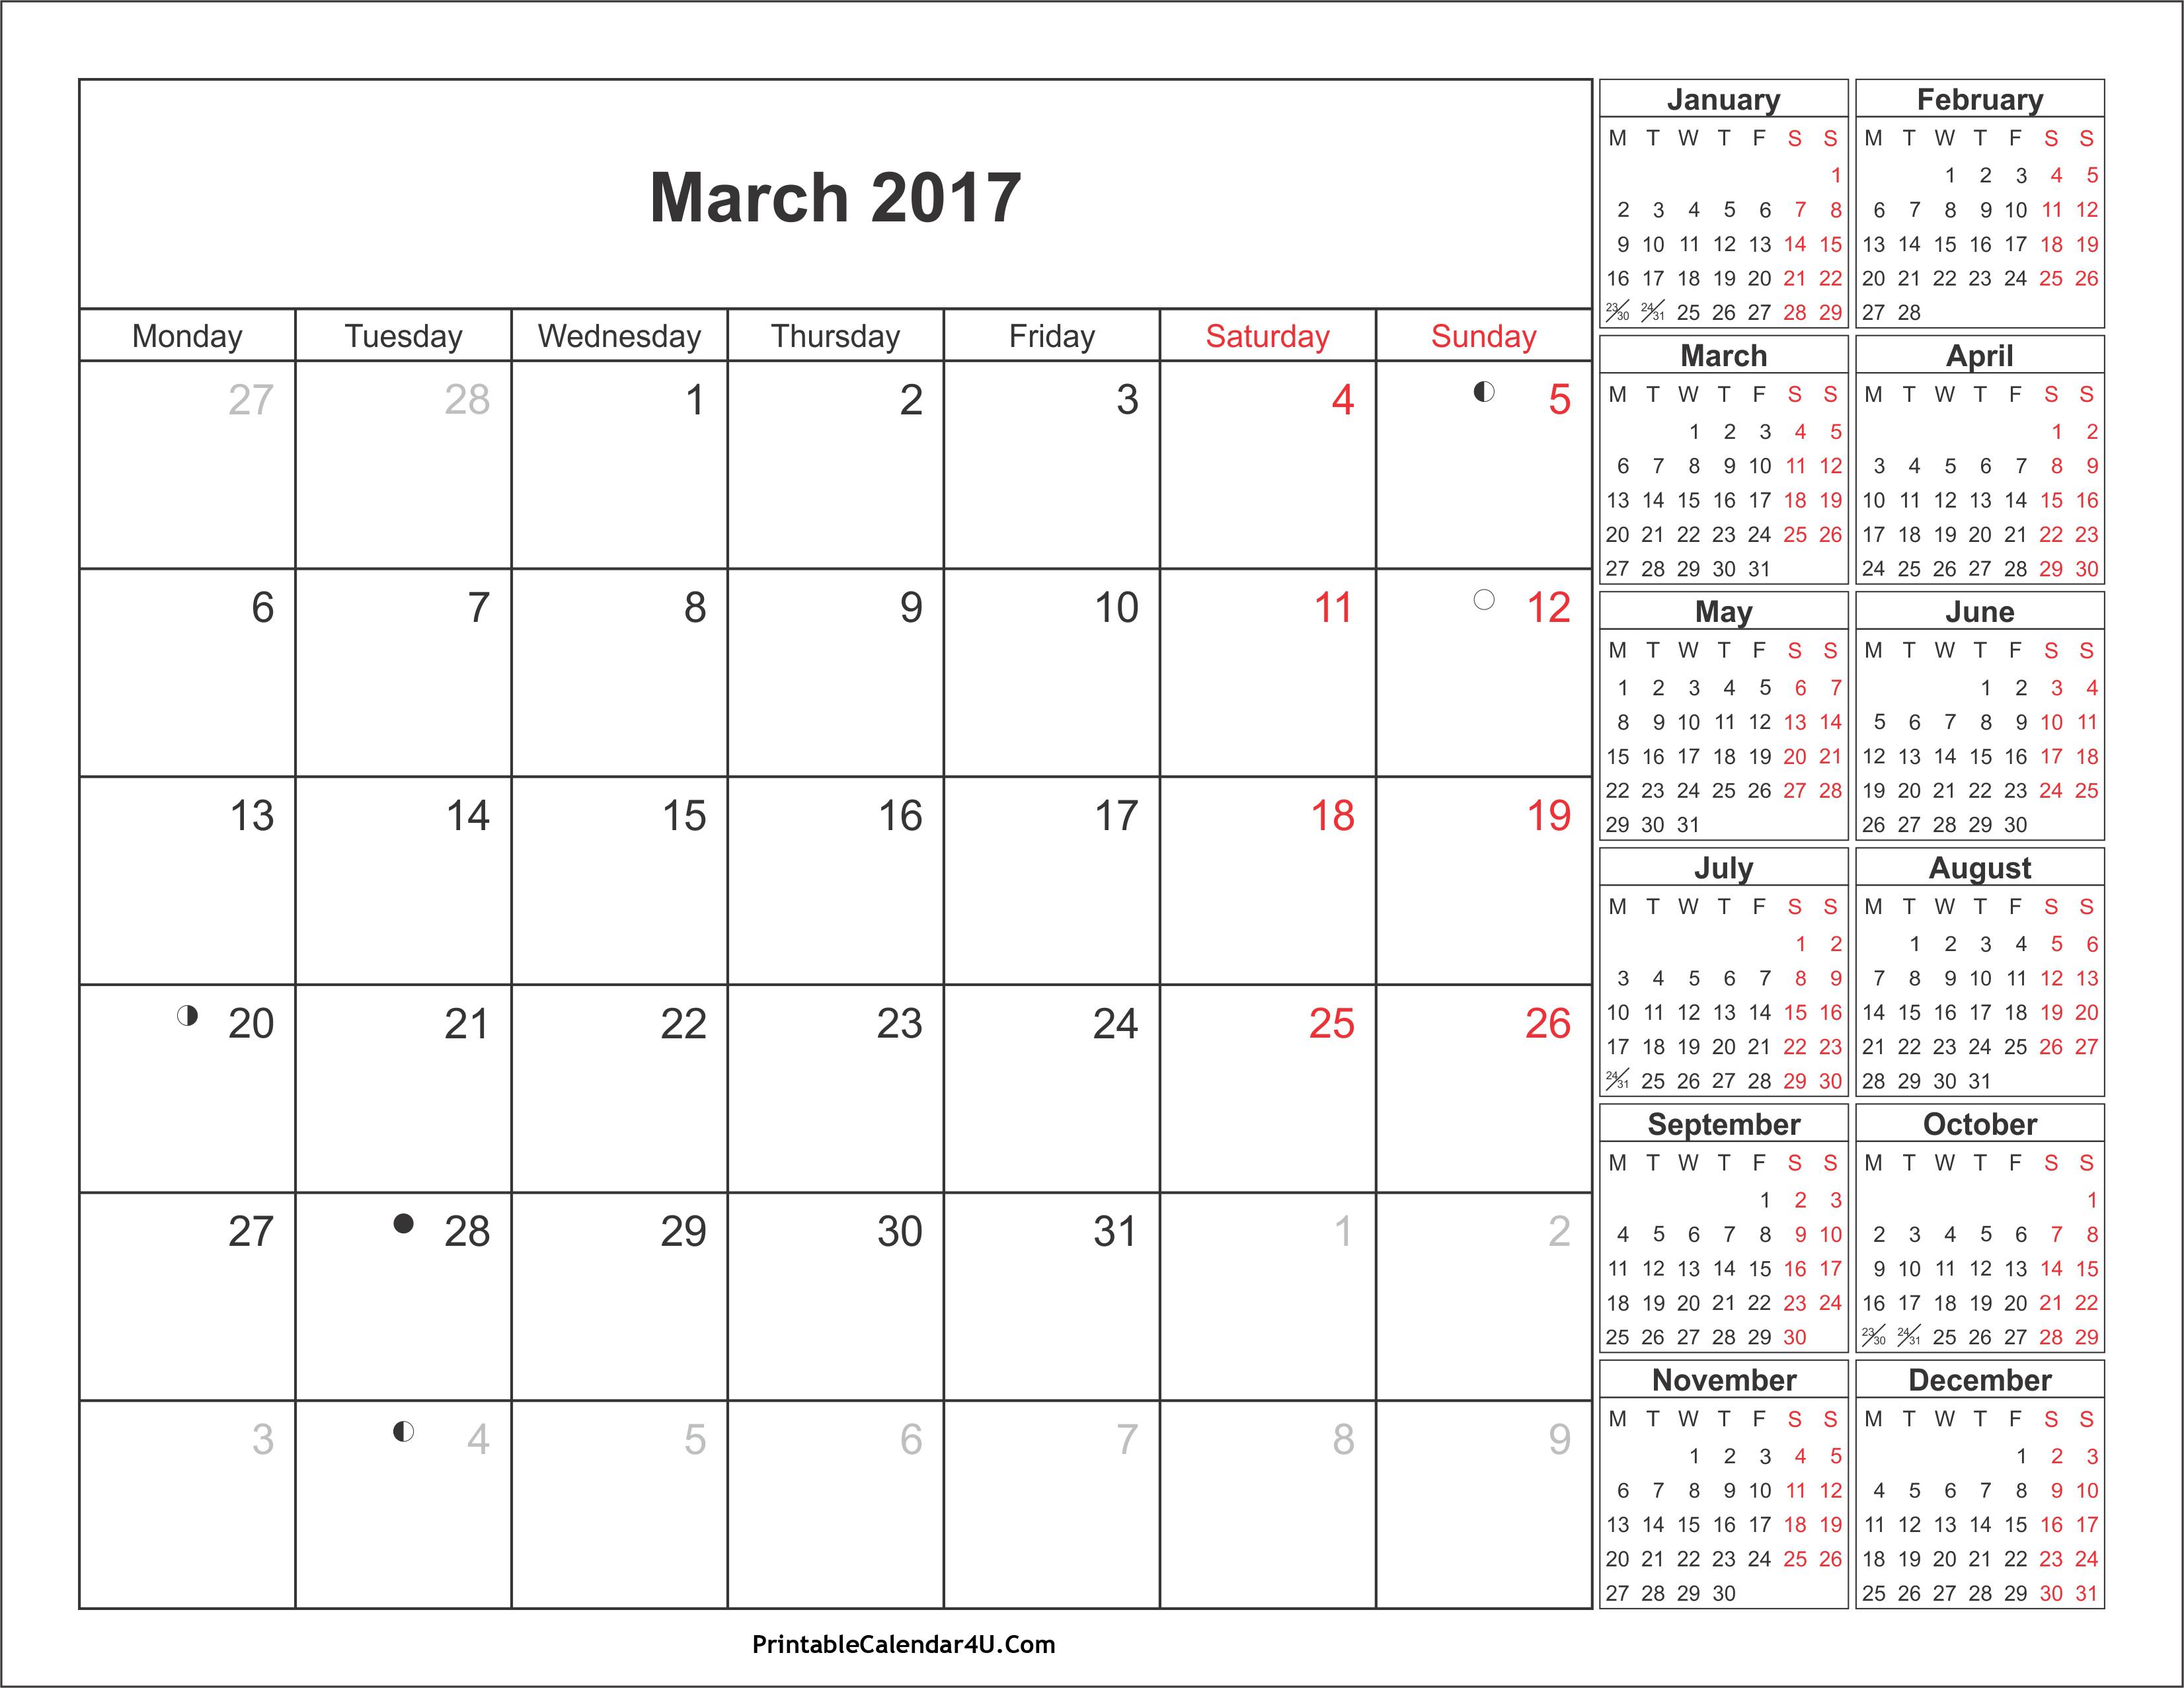 March 2017 Calendar with Holidays 4 Printable Calendar 2016 2017